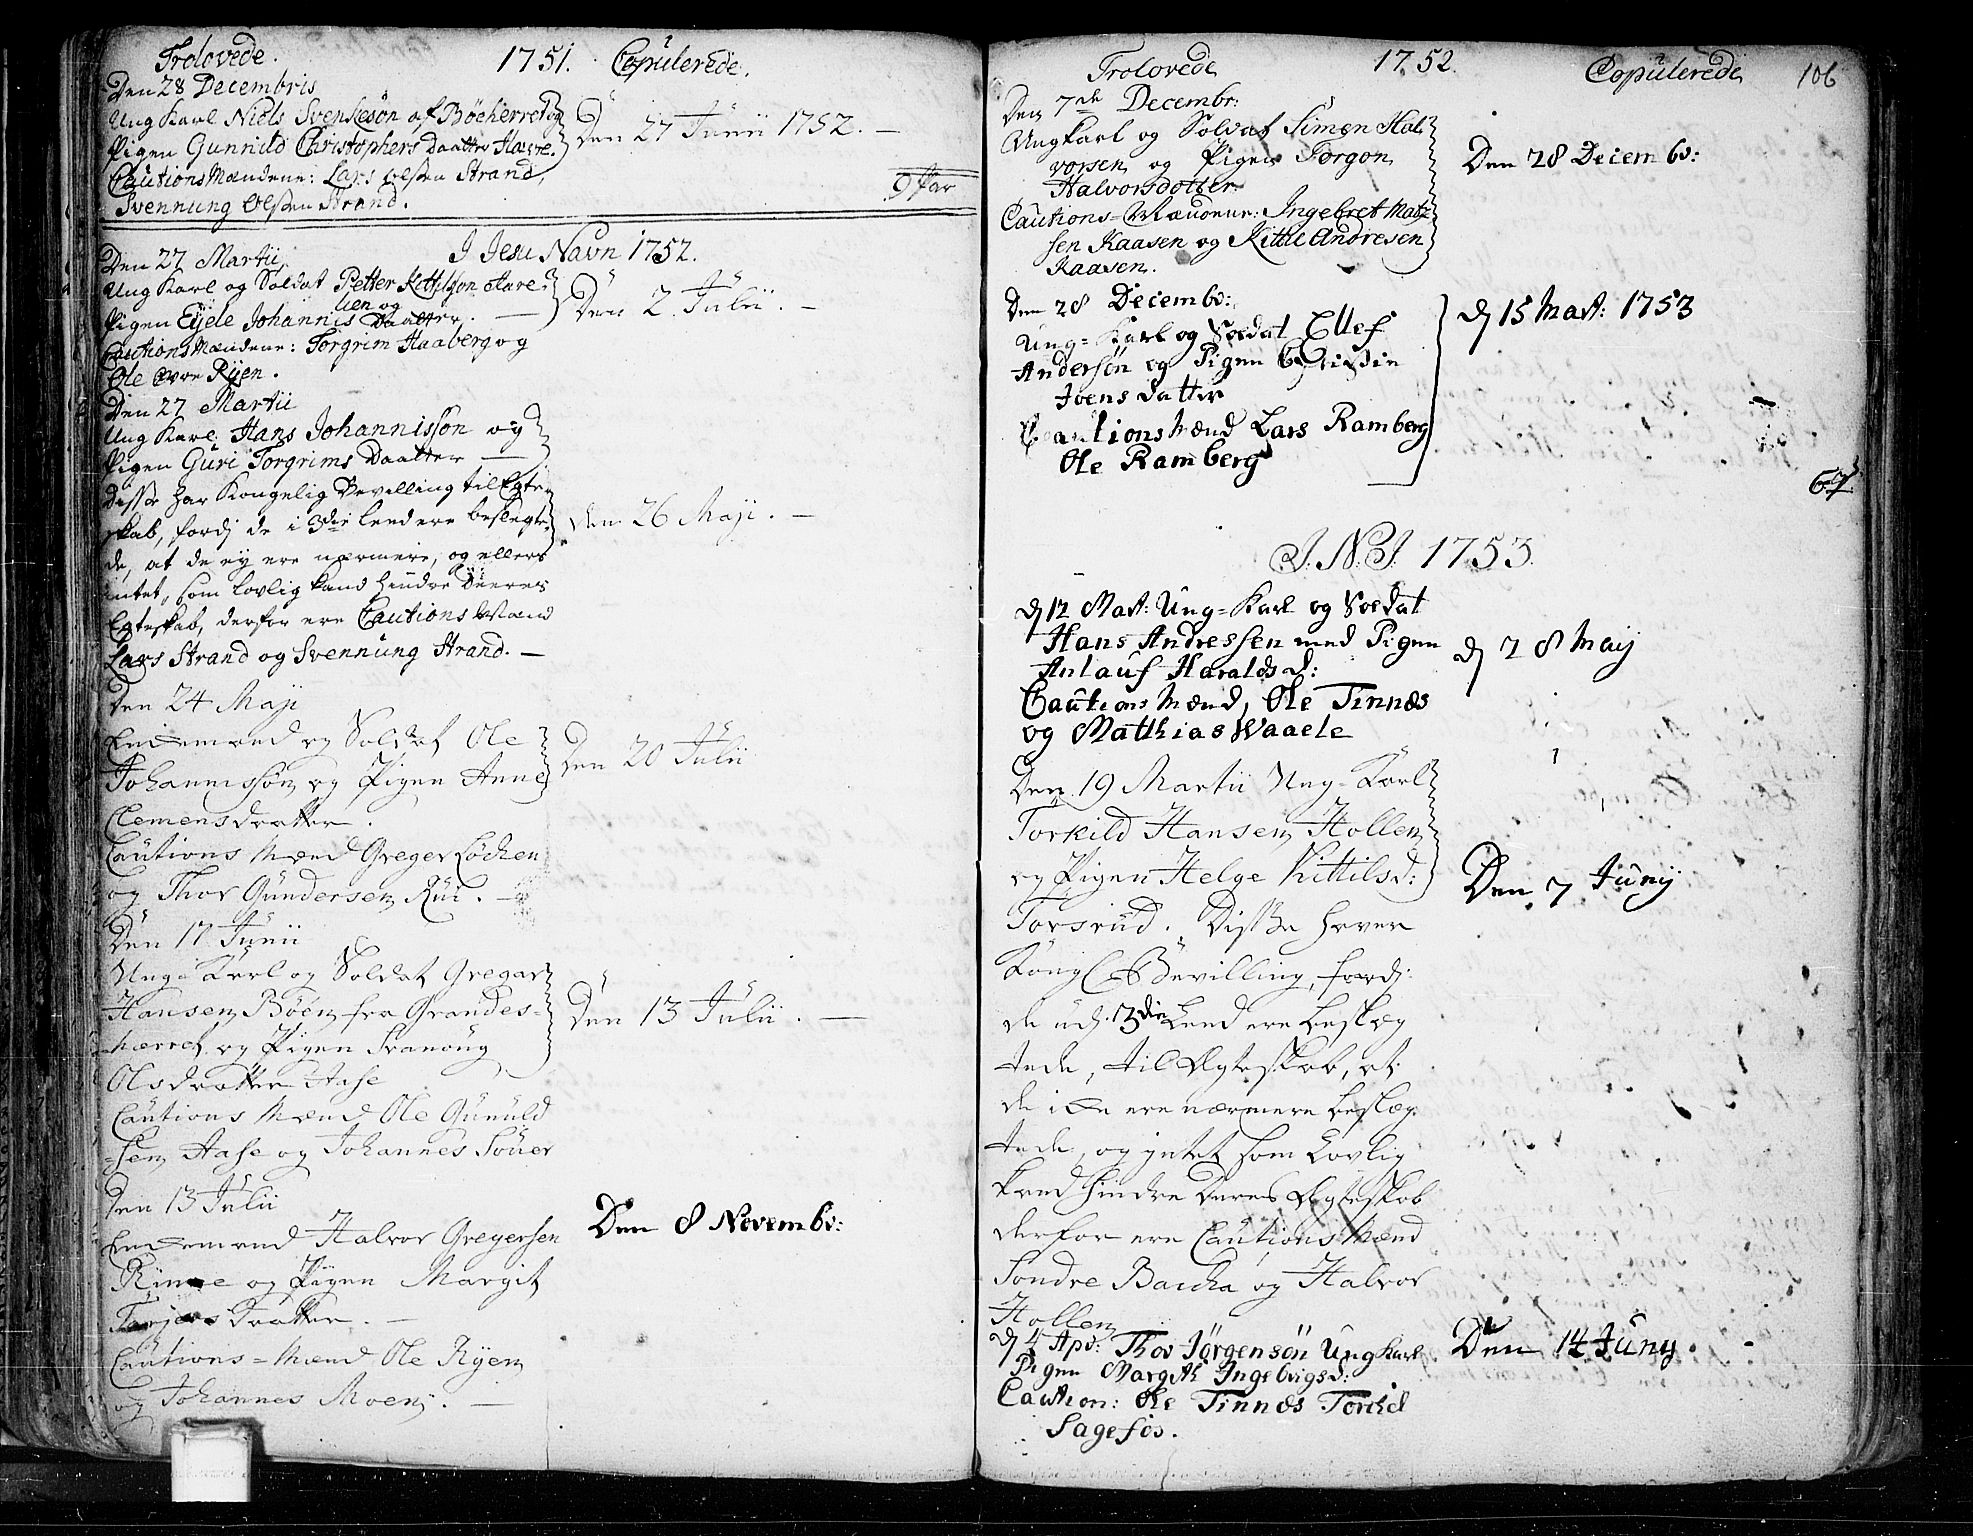 SAKO, Heddal kirkebøker, F/Fa/L0003: Ministerialbok nr. I 3, 1723-1783, s. 106